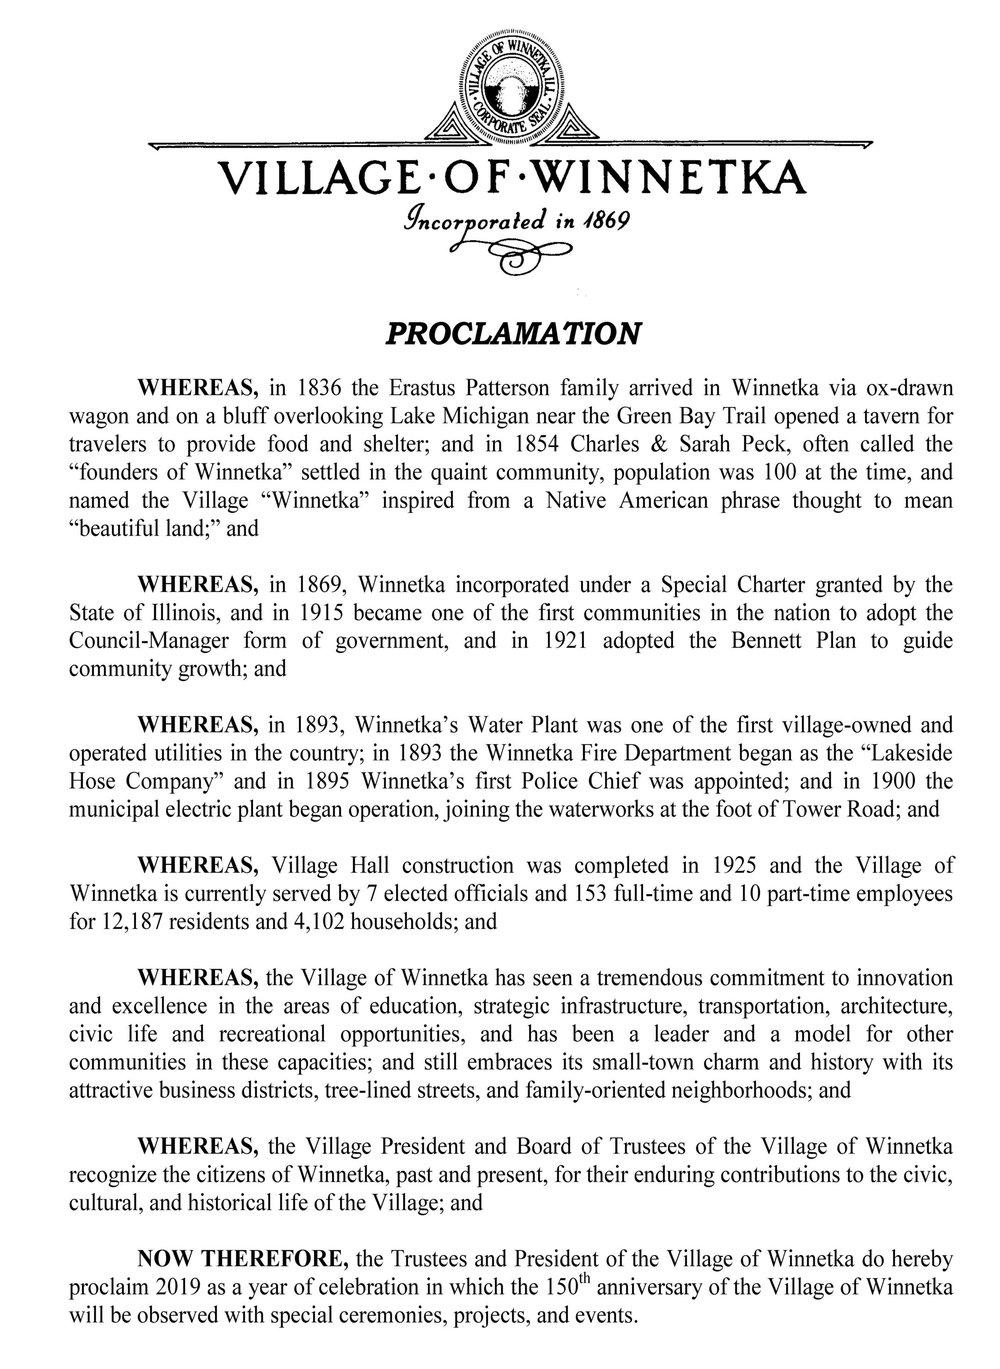 Winnetka+Sesquicentennial+Proclamation+2018+1204-FINAL.jpg